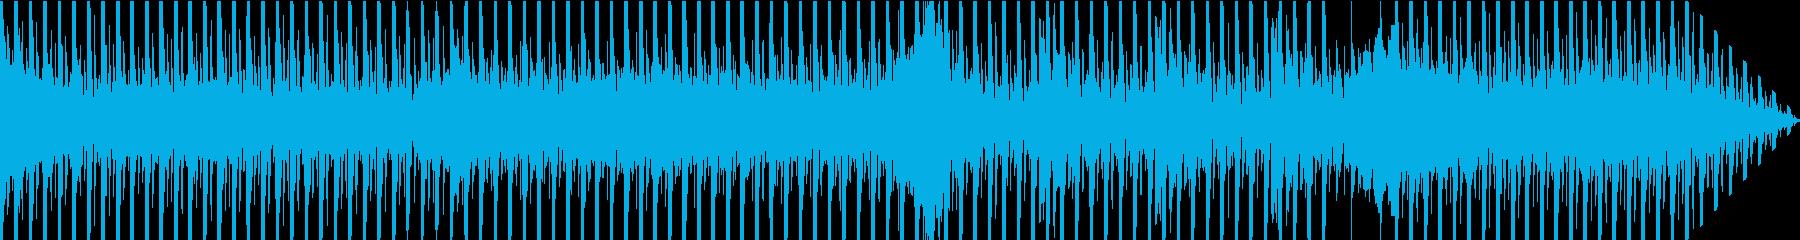 プログレッシブテック/ディープハウ...の再生済みの波形